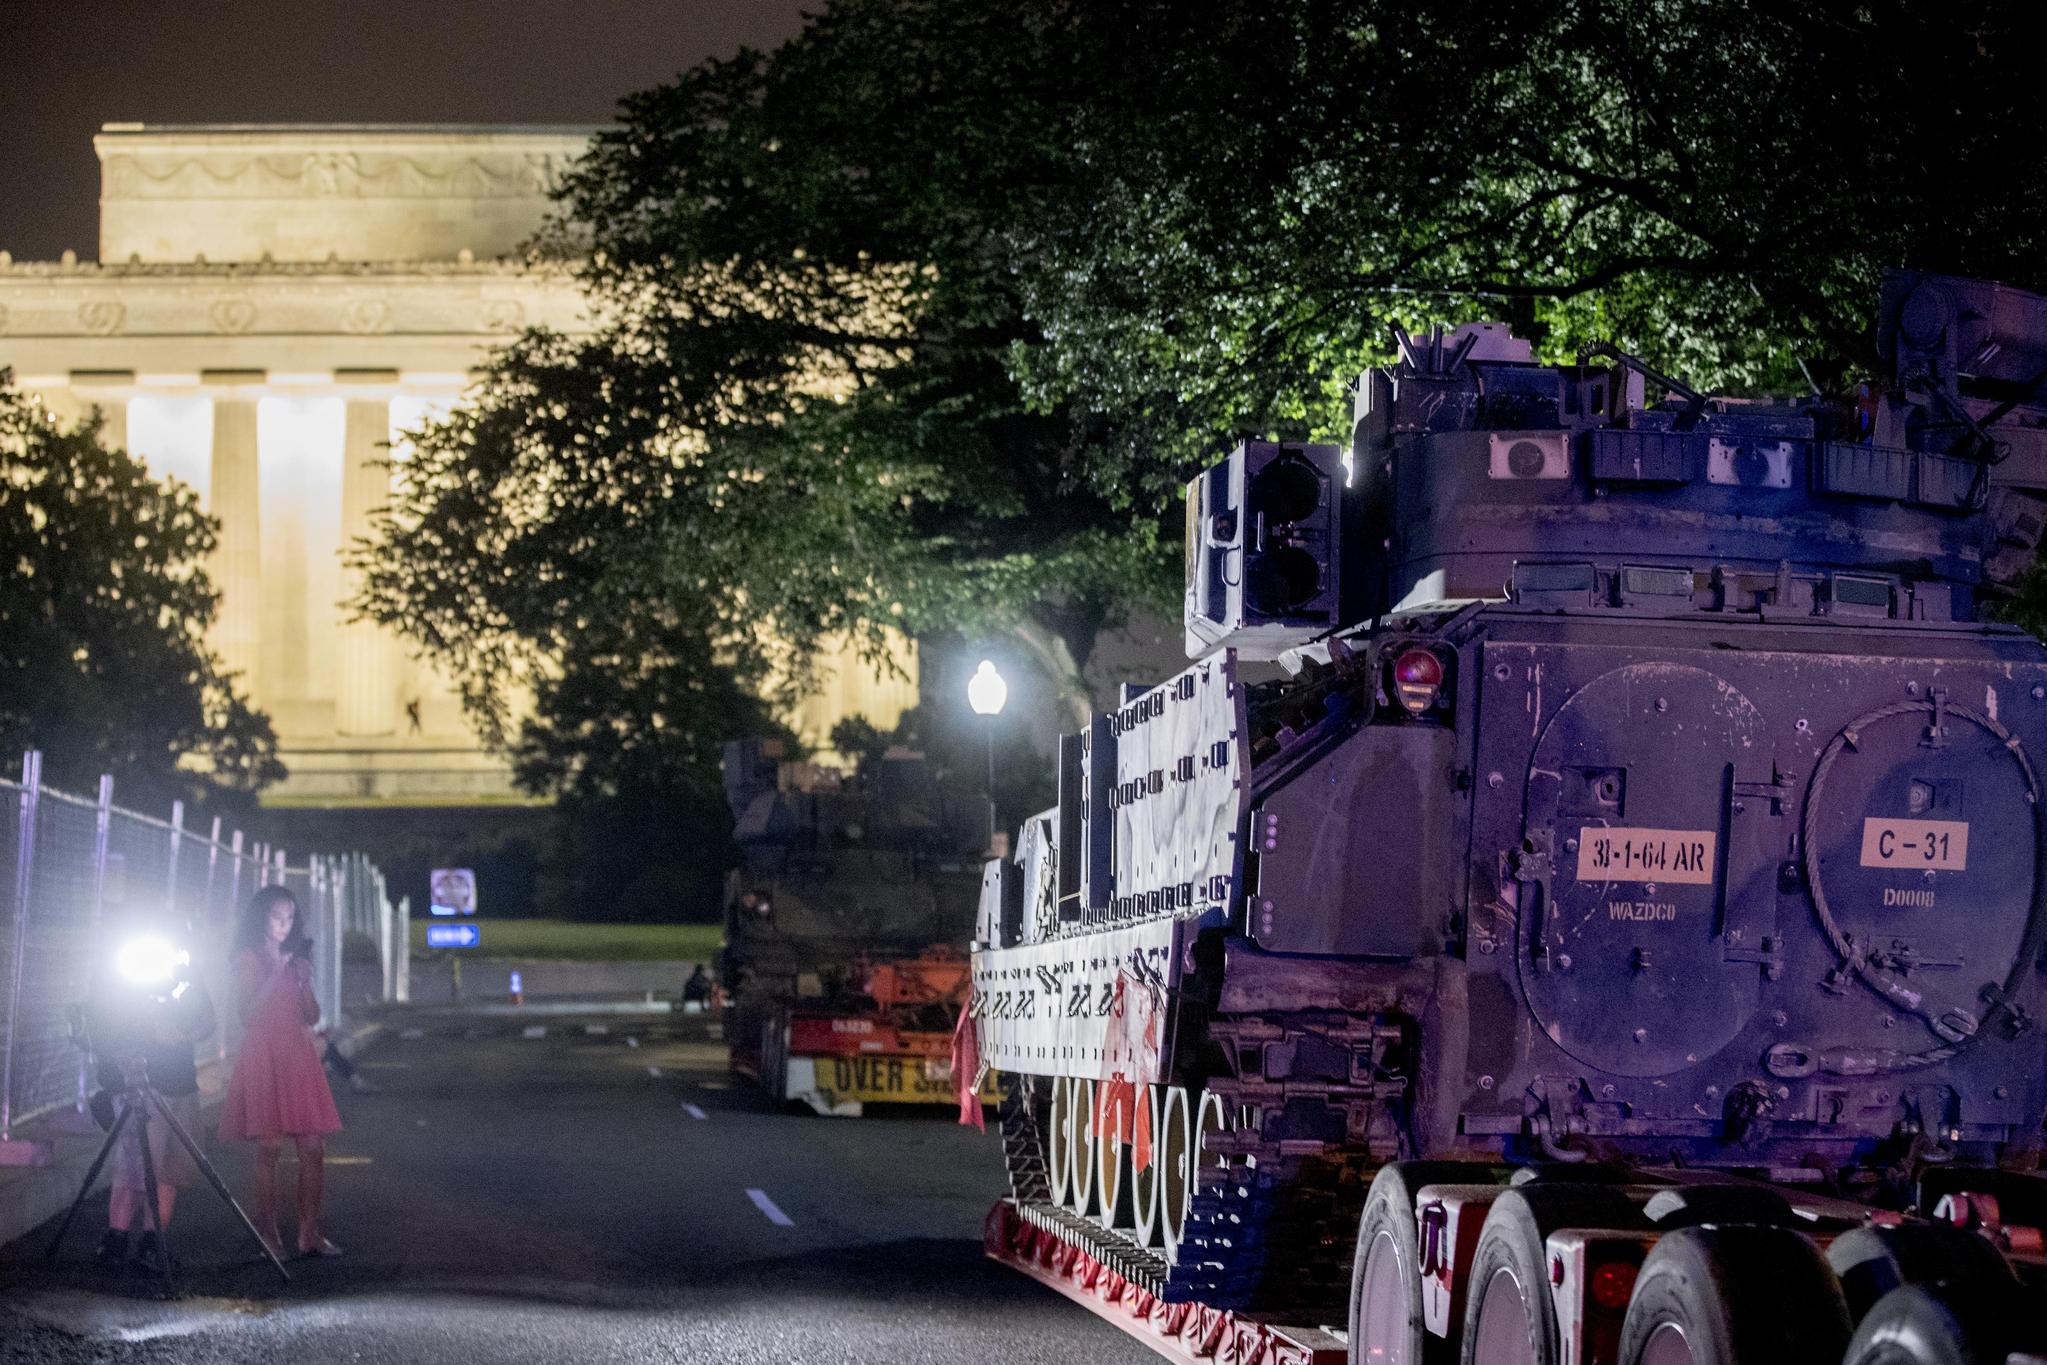 2일(현지시간) 미국 워싱턴 백악관 앞 링컨 기념관 인근에 M2 브래들리 장갑차 2대가 배치되어 있다. [AP=연합뉴스]